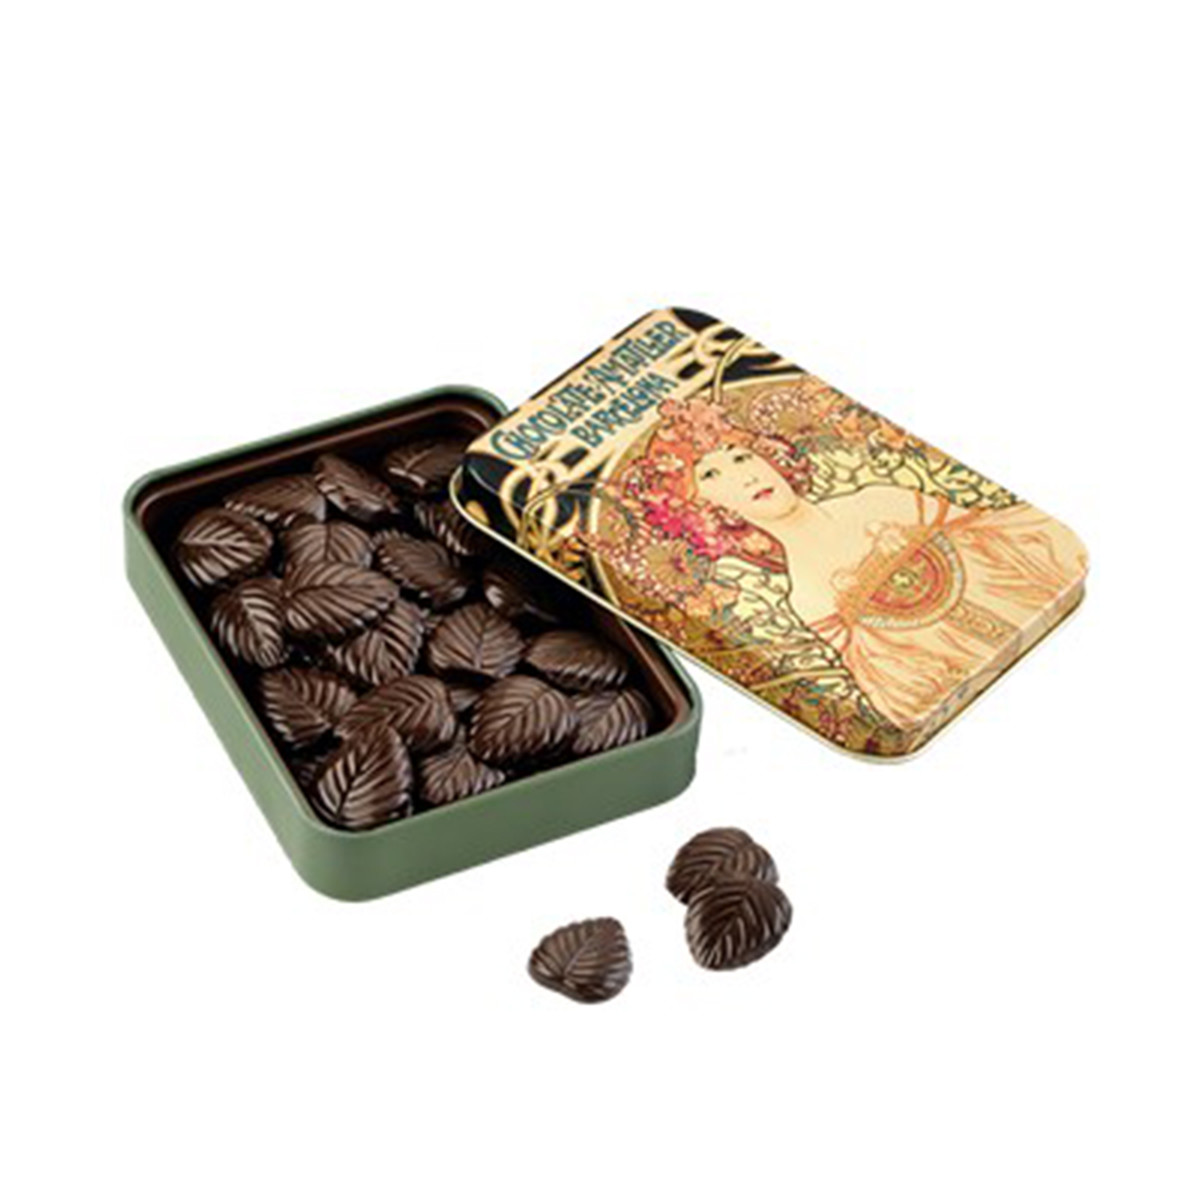 Image of 70% Mørk chokolade i dåse - 60 gram